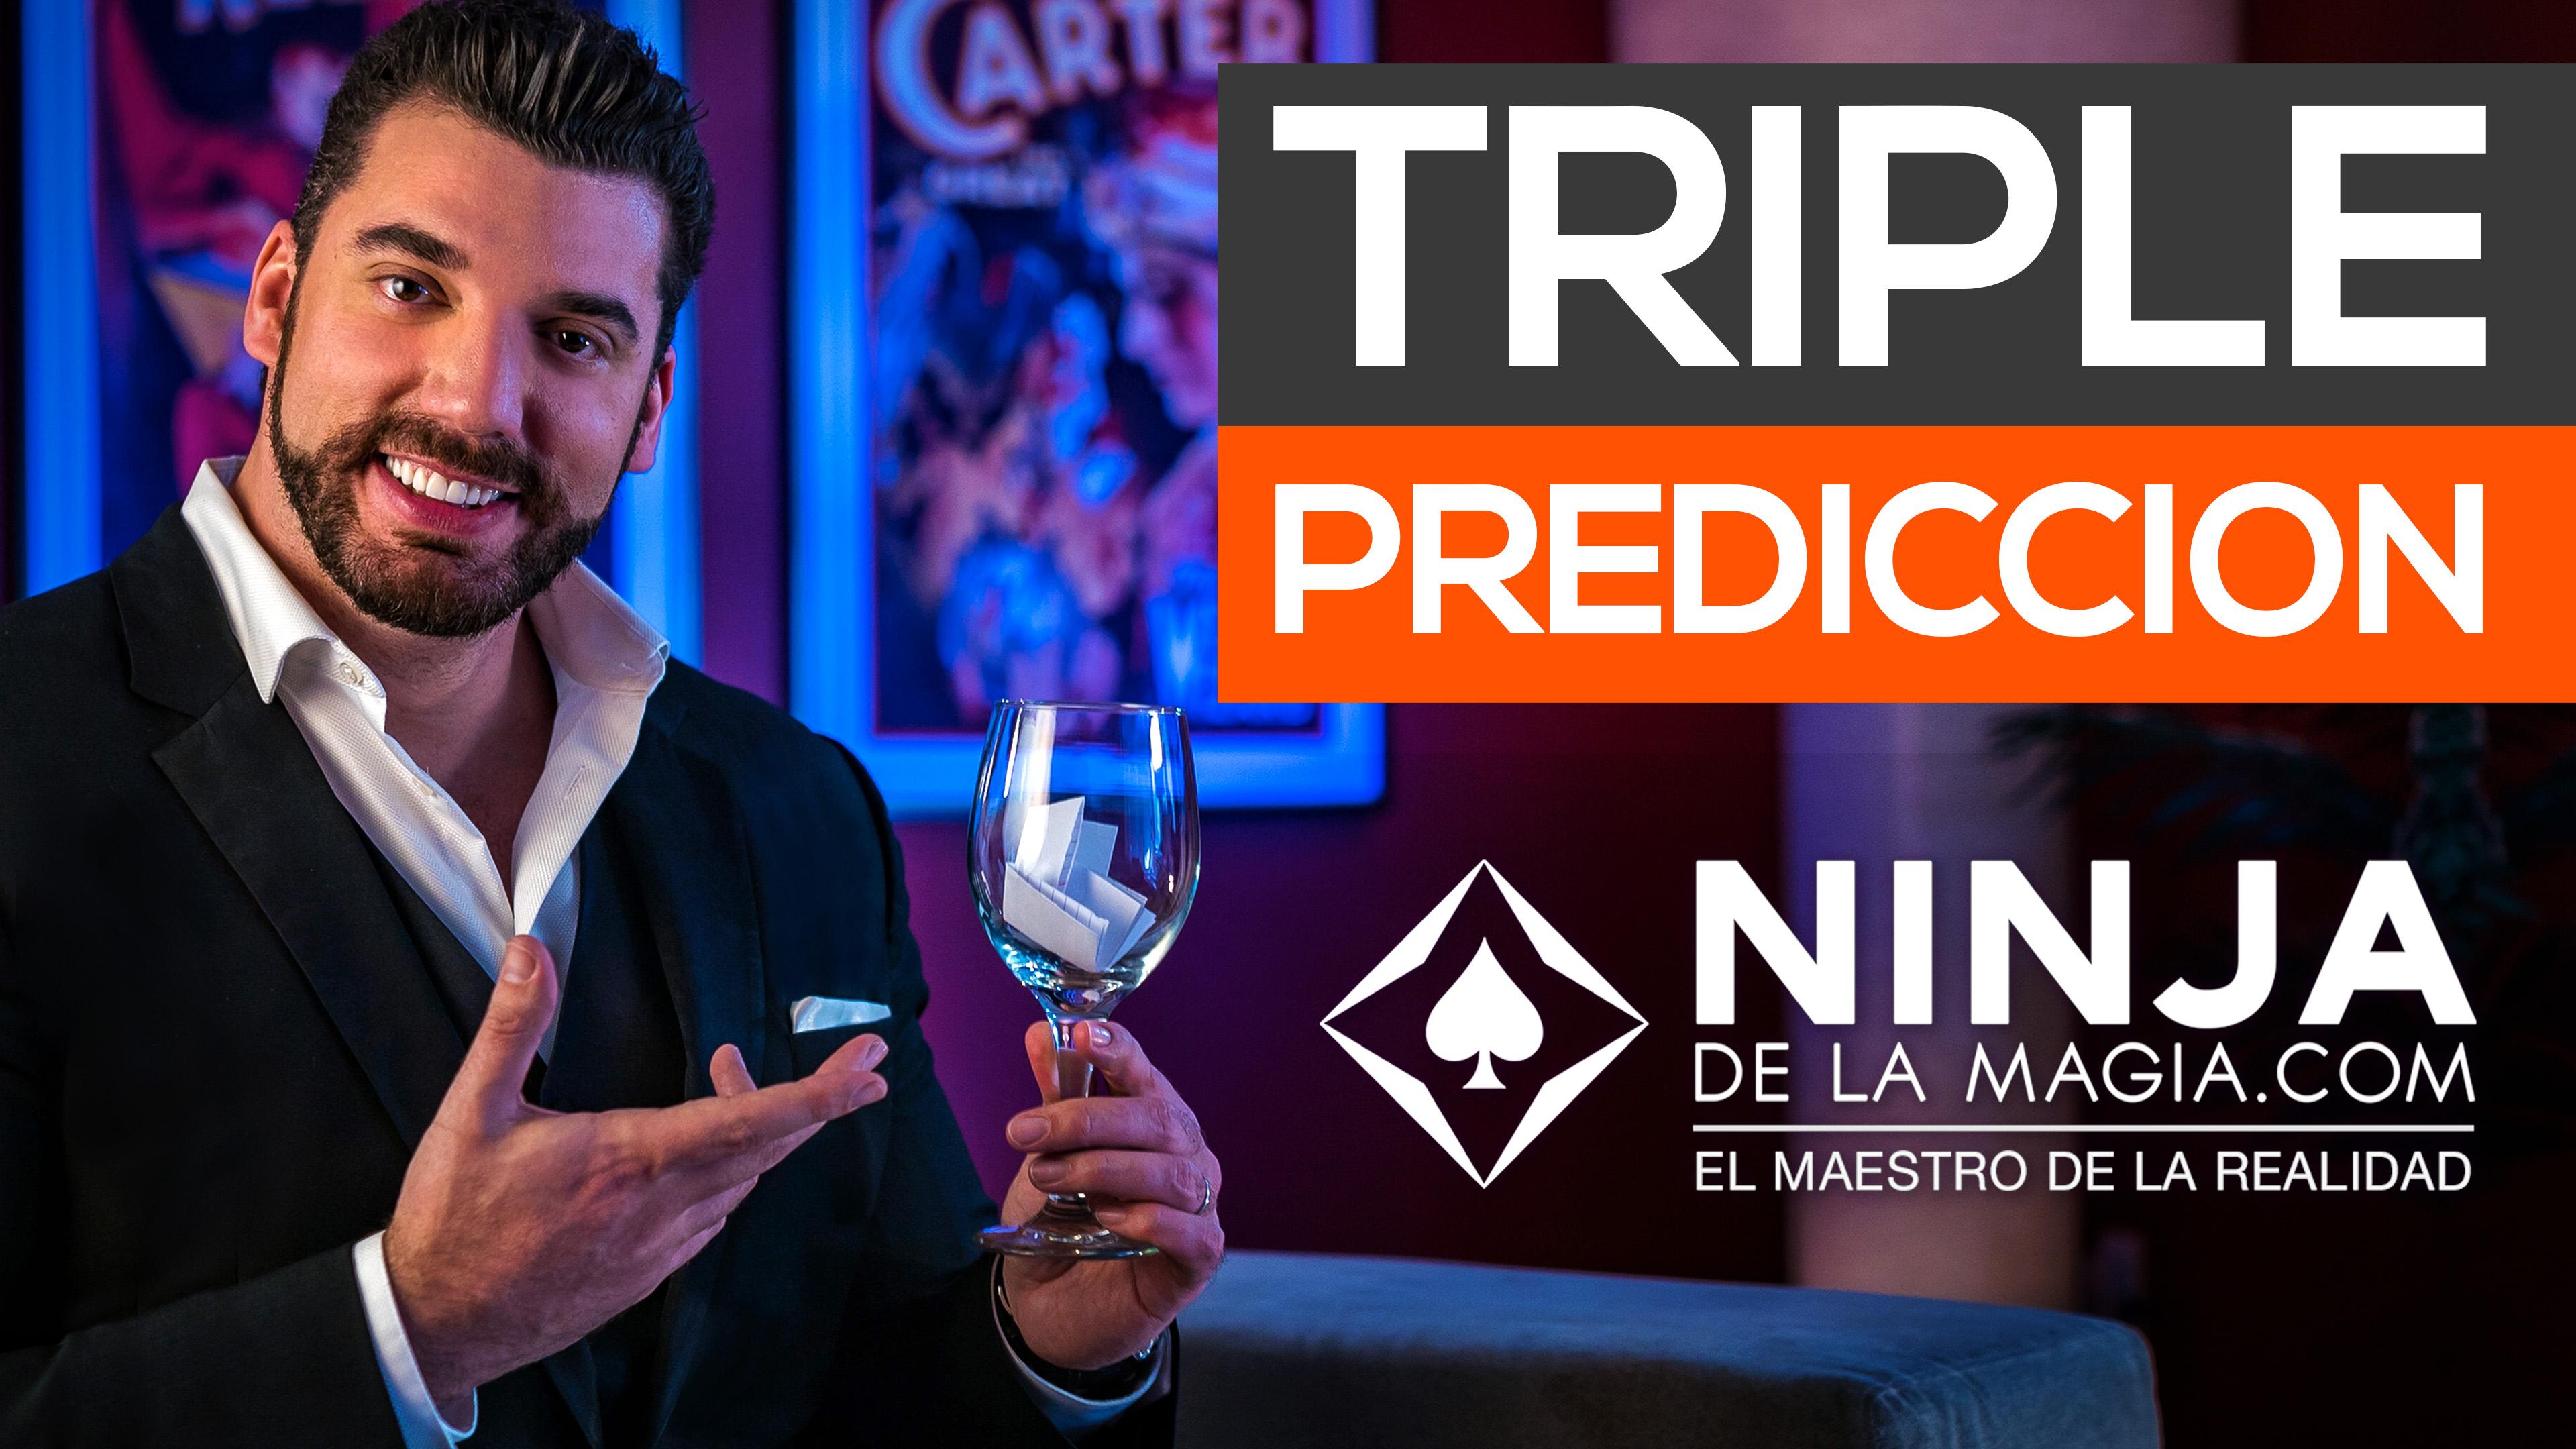 Triple Predicción Truco de Mentalismo revelado Ninja de la Magia Gratis El maestro de la realidad